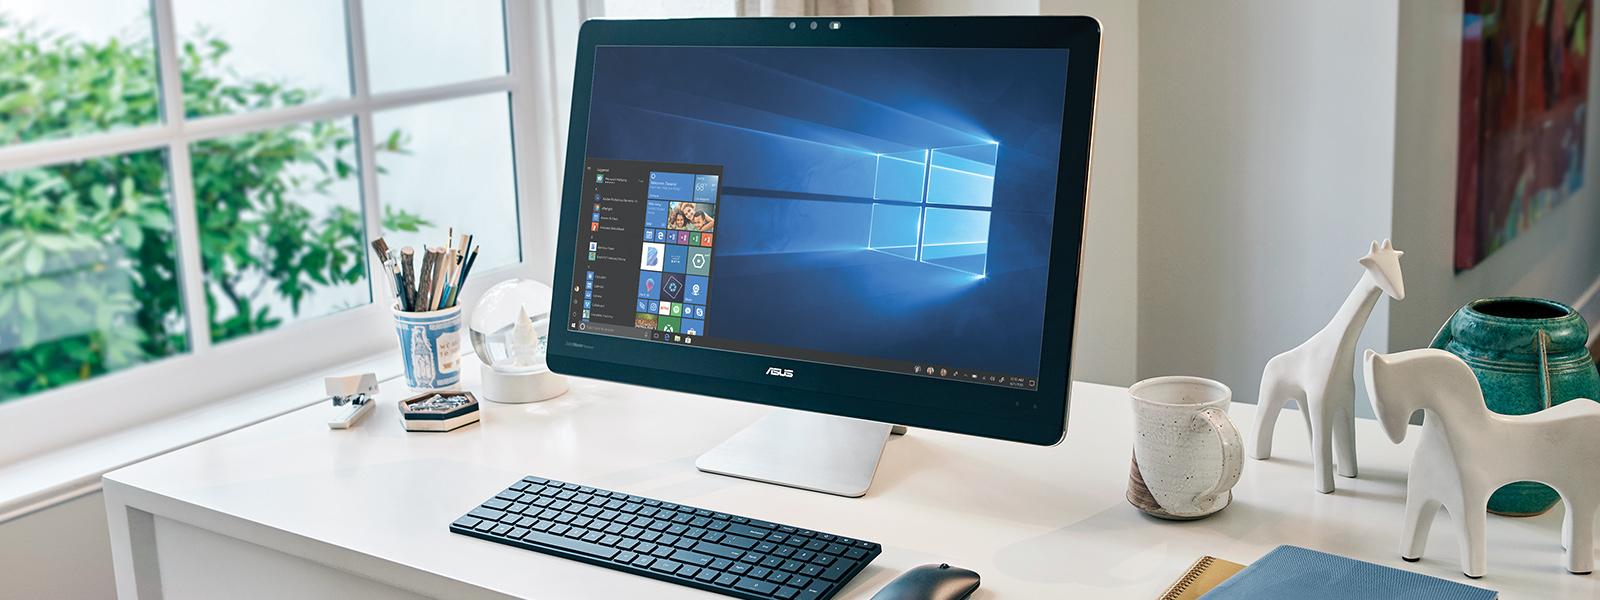 Un desktop ASUS pe un birou, cu un mouse și o tastatură wireless lângă acesta